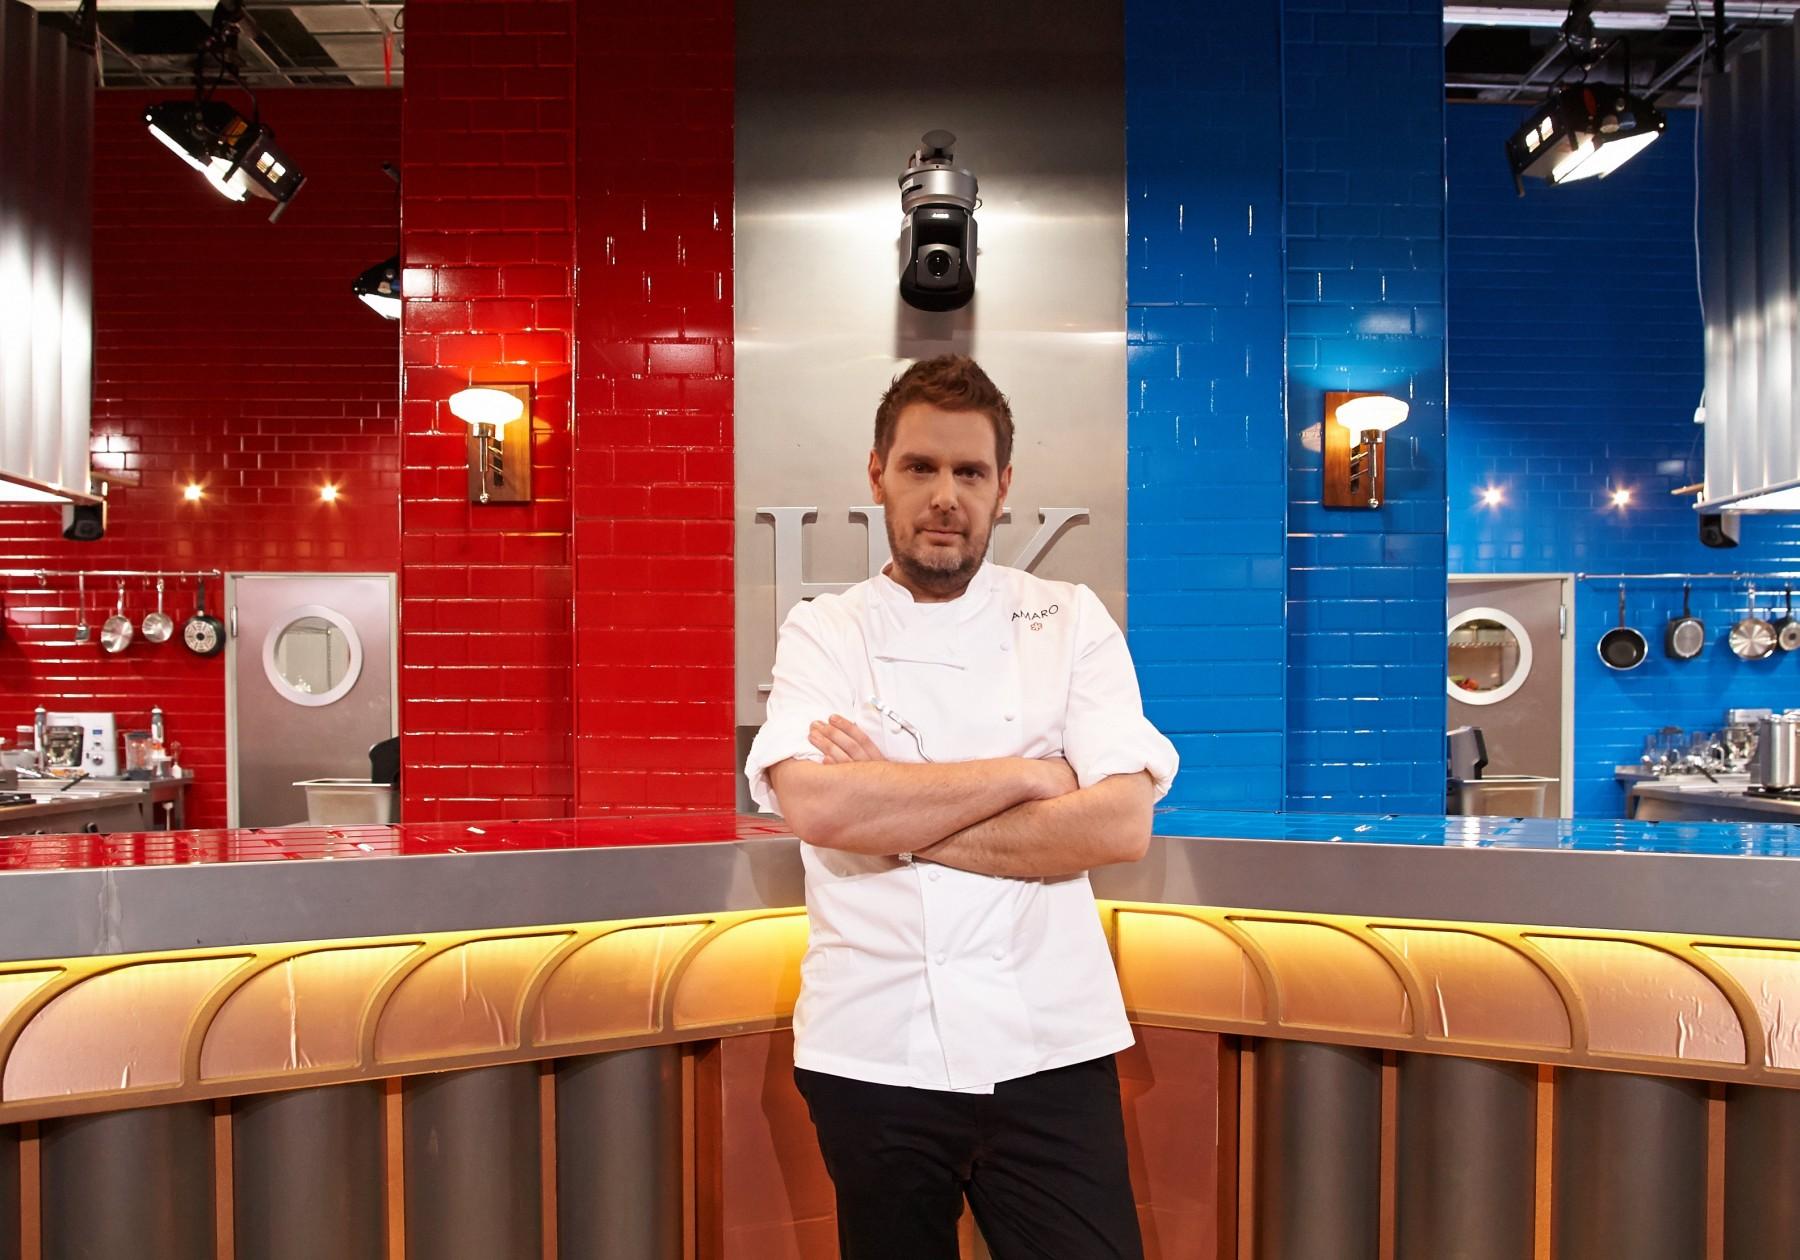 Piekło W Kuchni Po Polsku Hells Kitchen Polsat